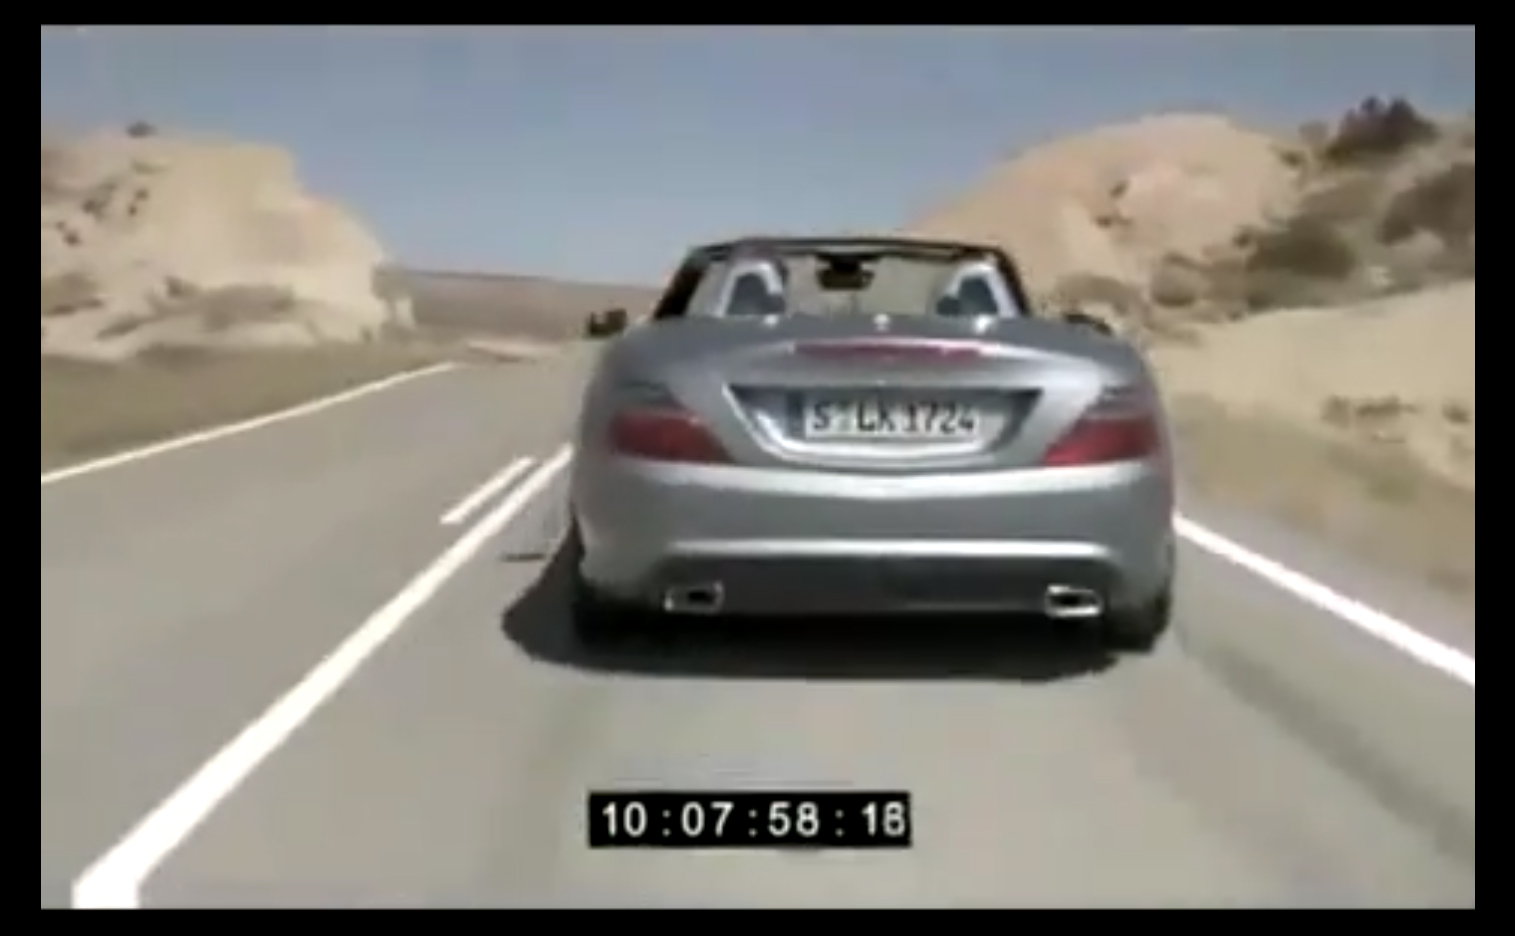 2012_mercedes_benz_slk_leaked_video_grab_02